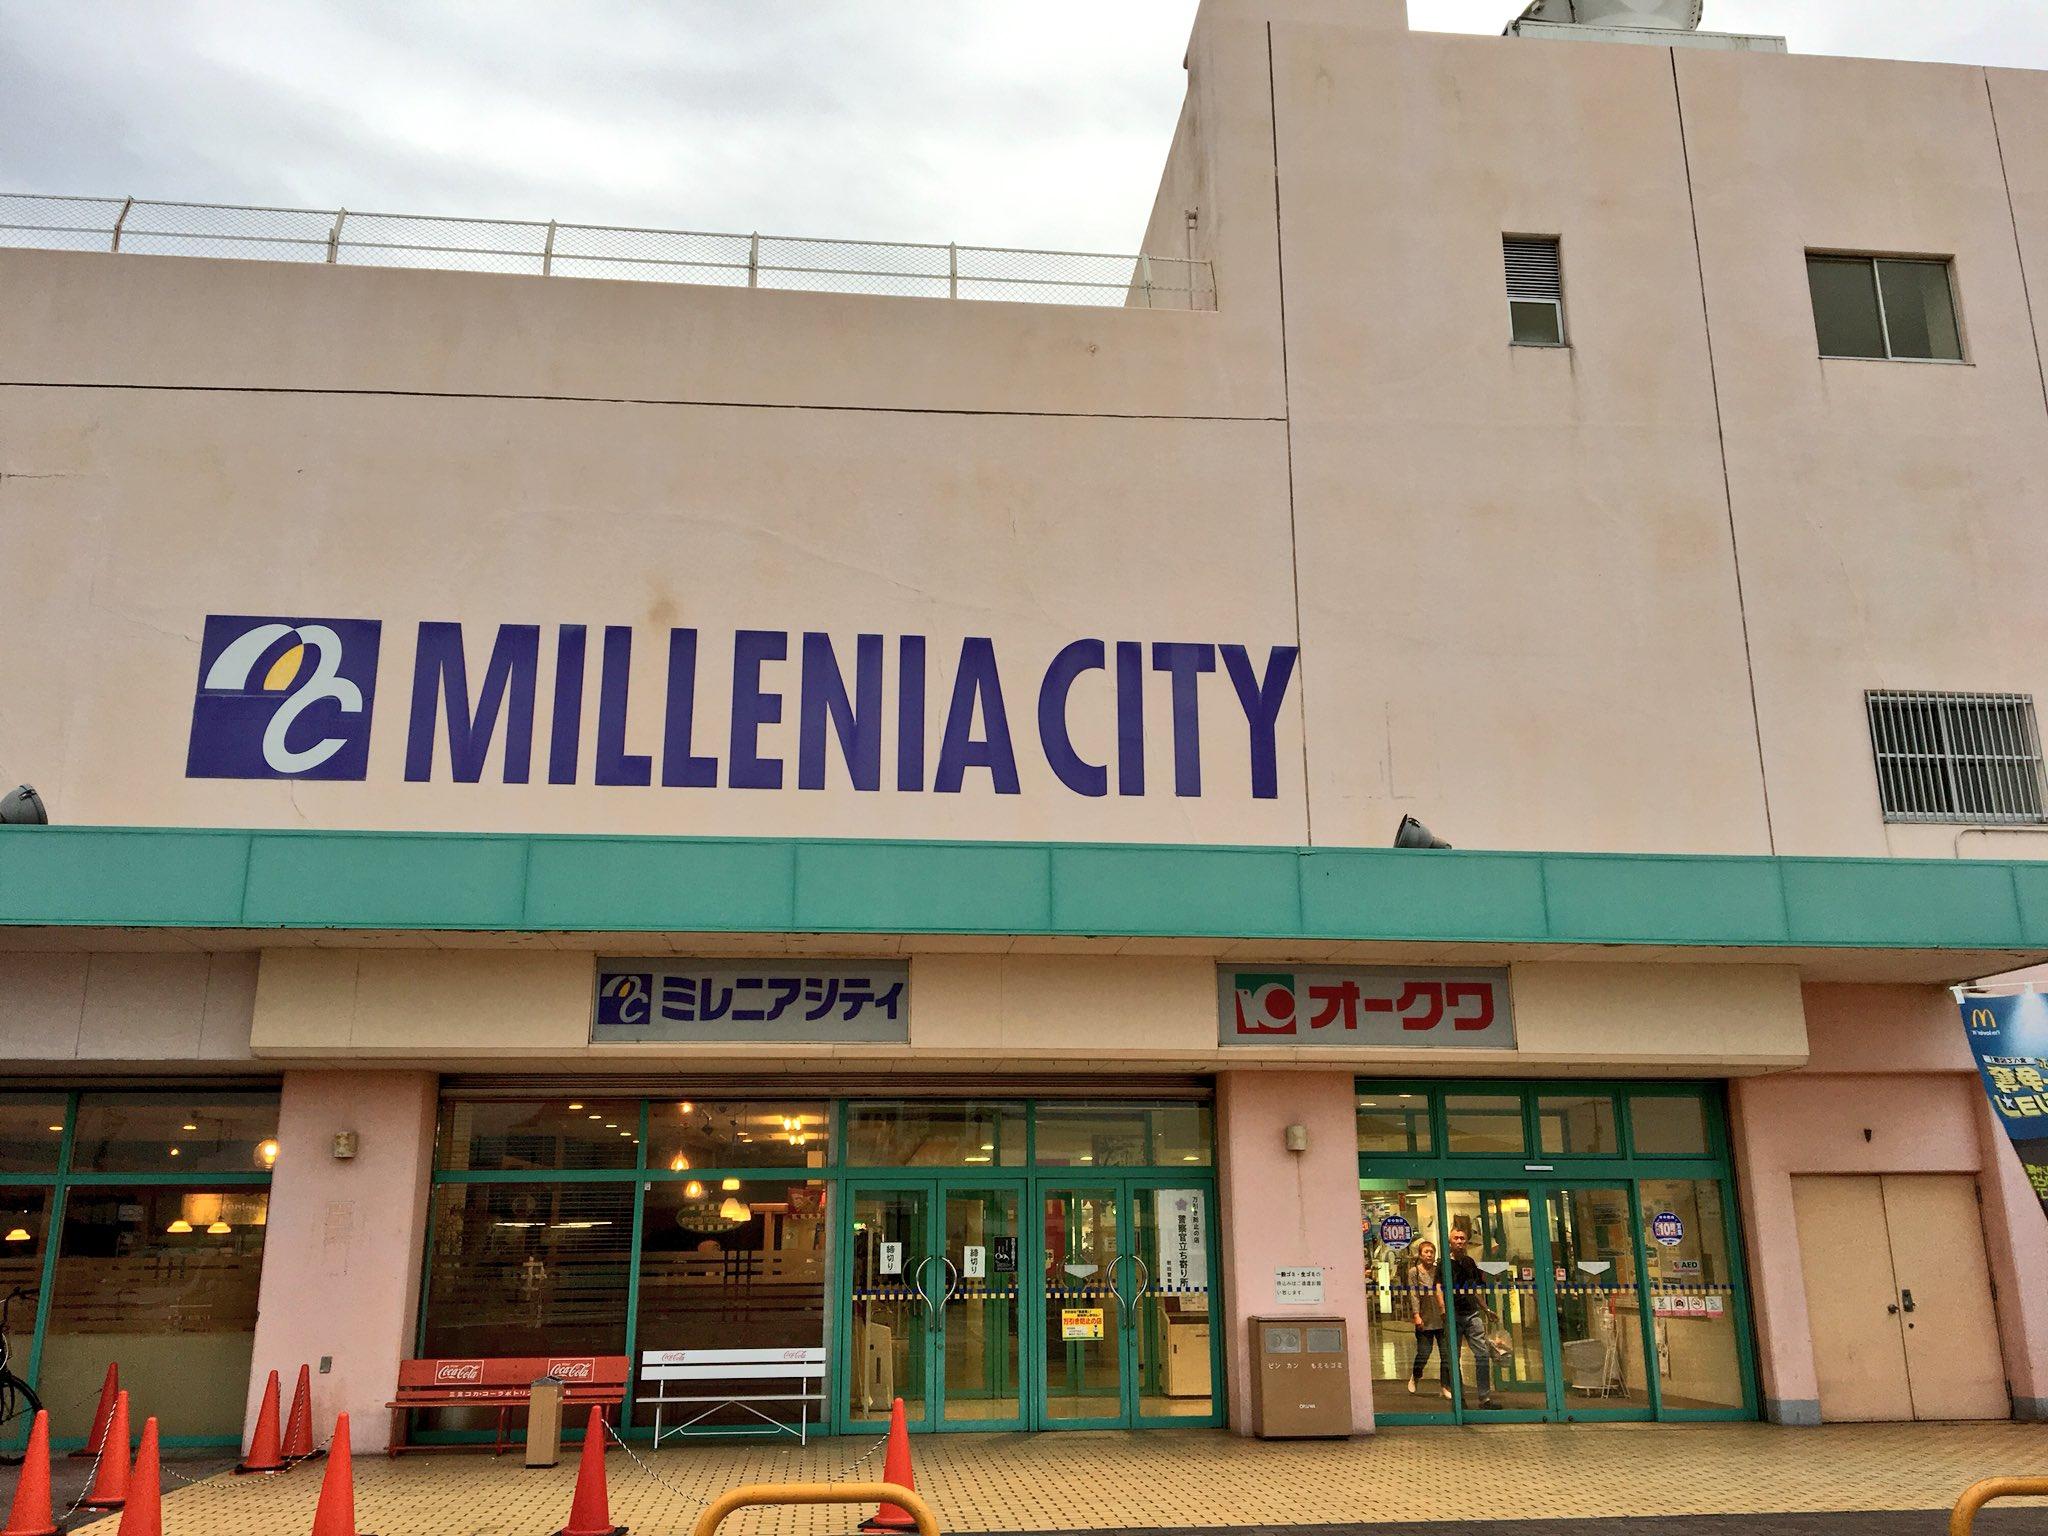 シティ 閉店 ミレニア